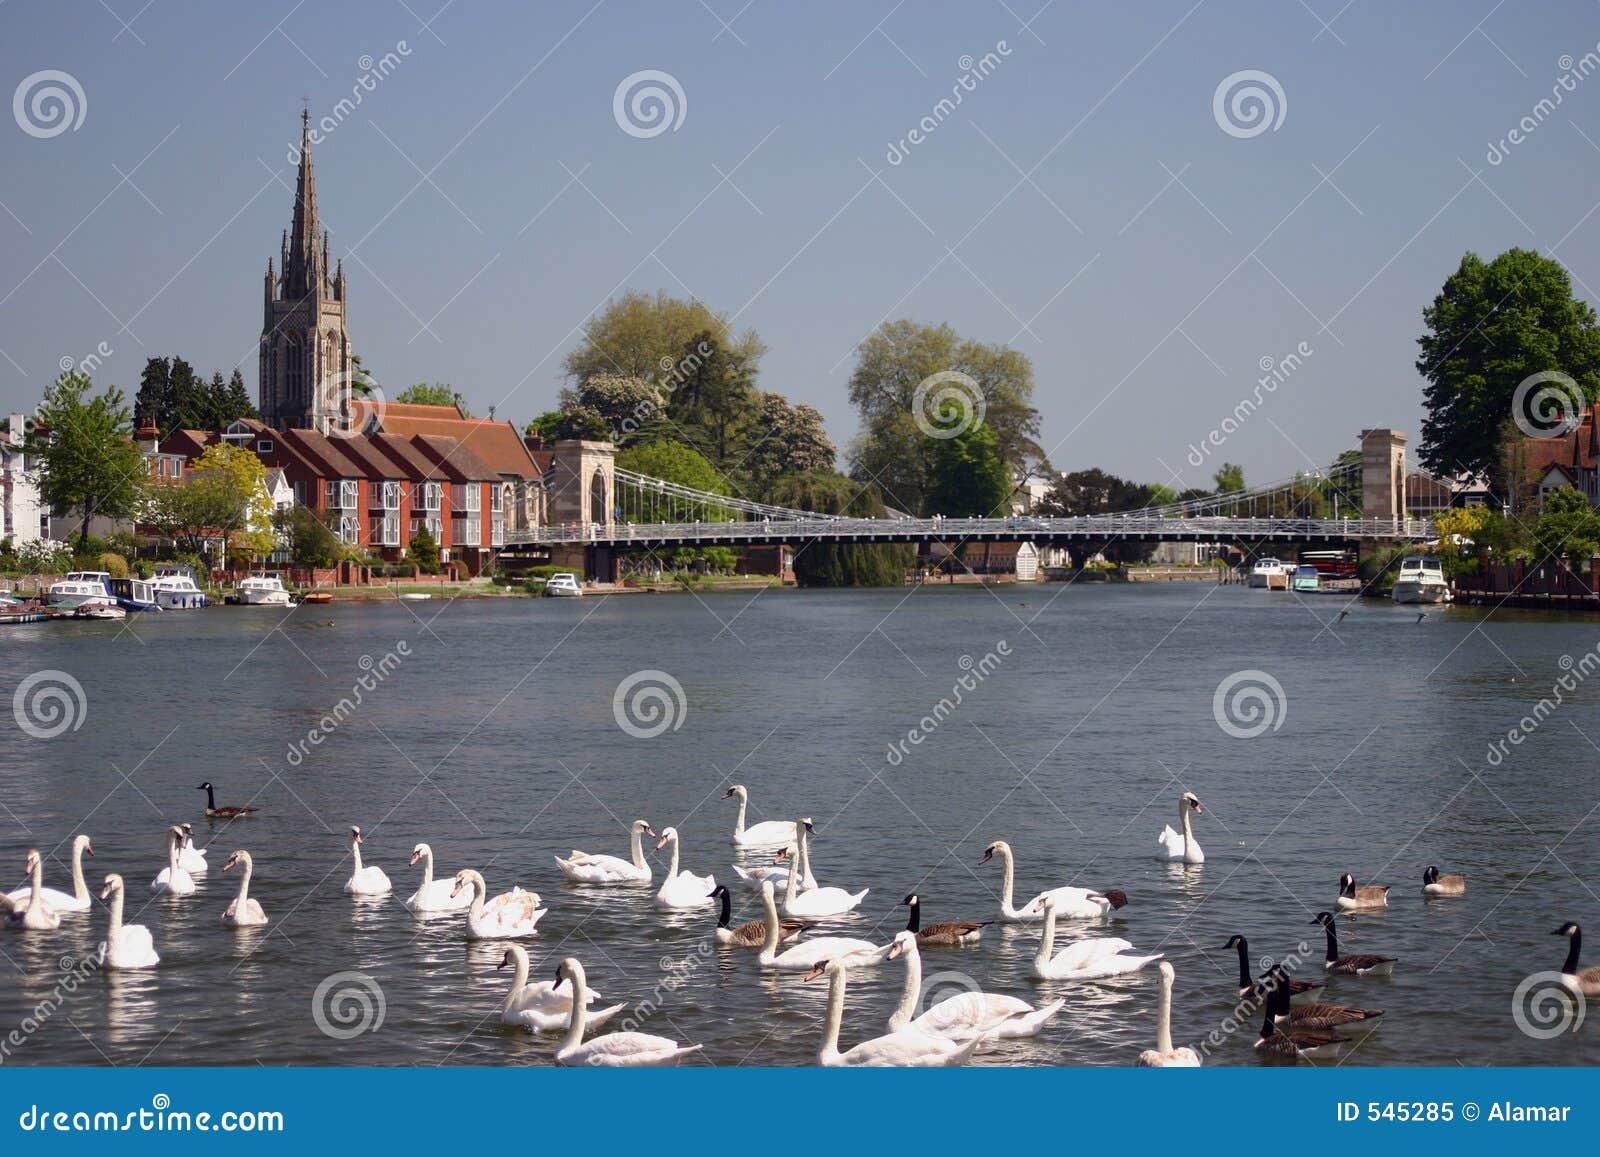 River Thames at Marlow England